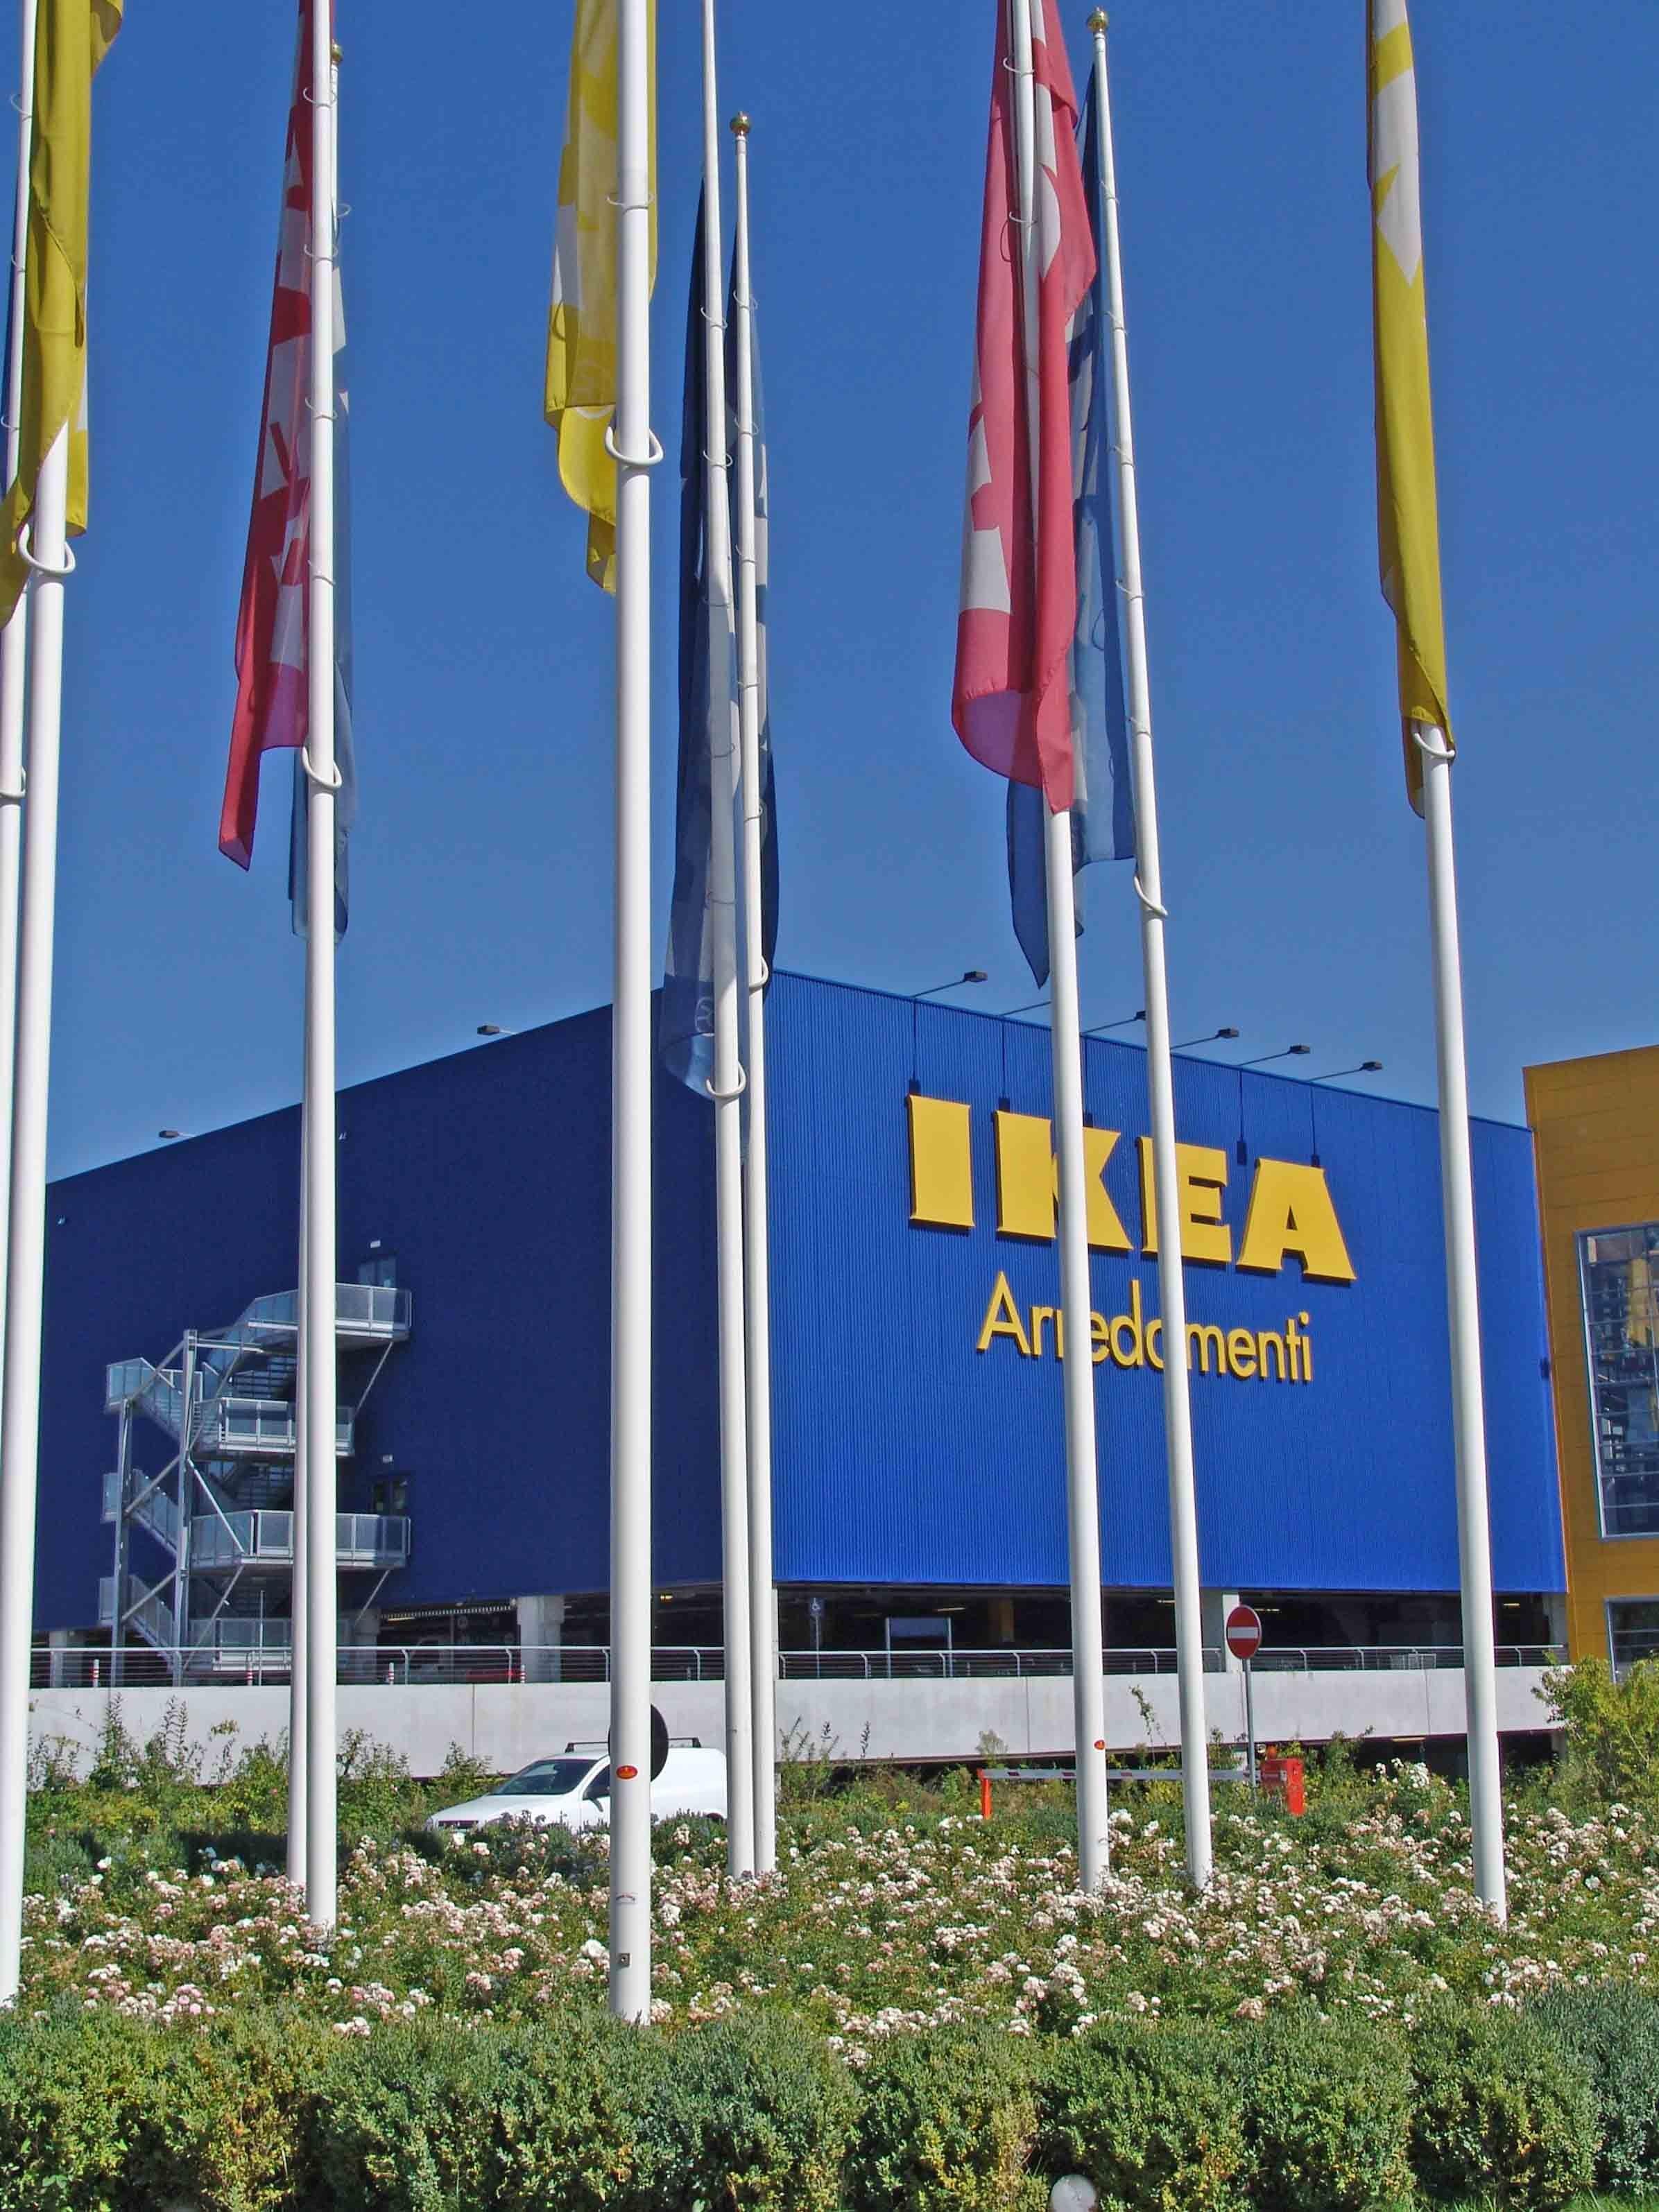 Ikea - Brescia - Centri commerciali